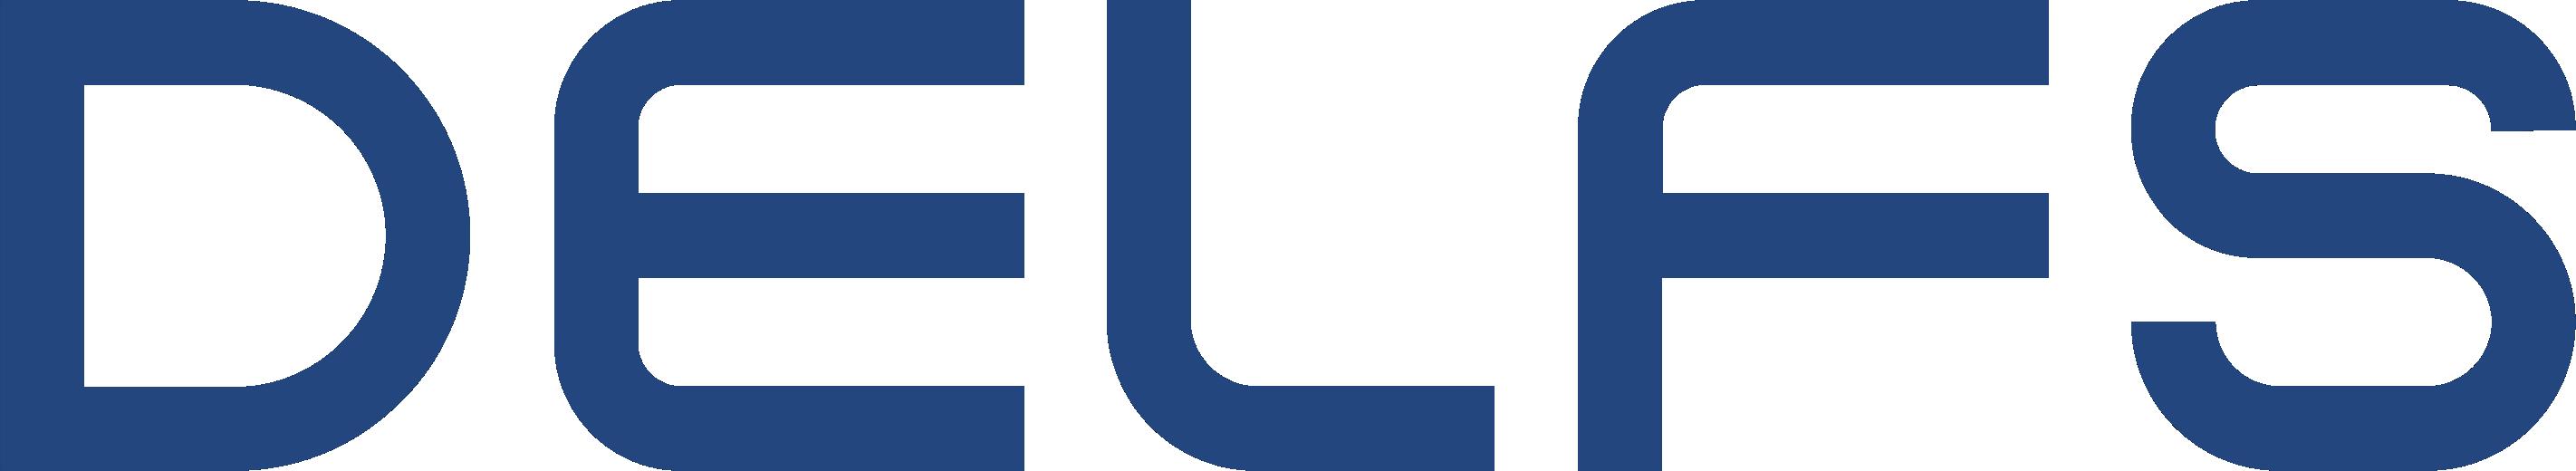 Wir brauchen ein moderneres Logo, dass zu unseren intelligenten Softwarelösungen passt